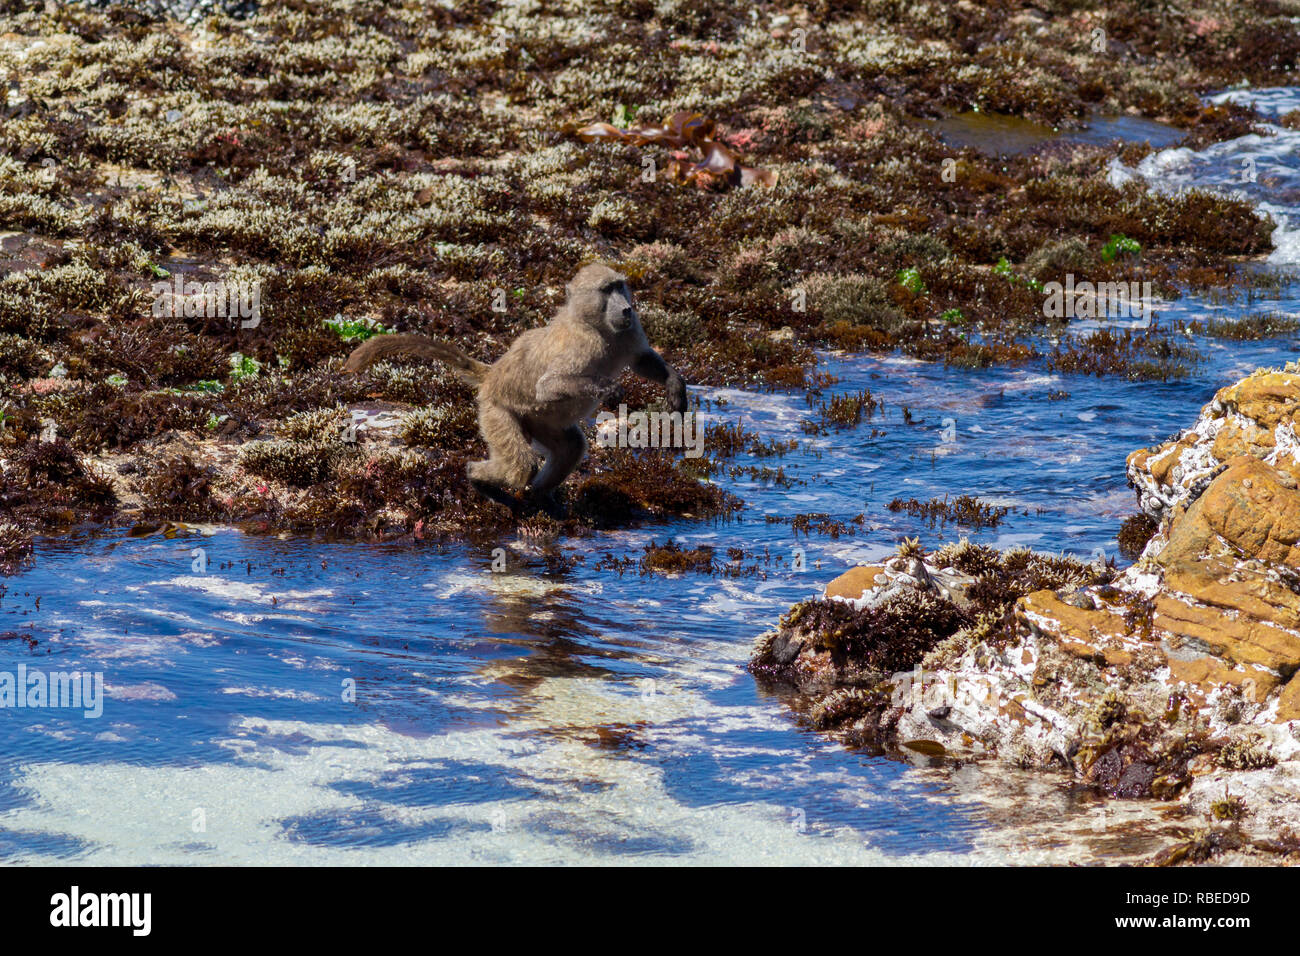 Serie di colpi mostrando un babbuino del capo di saltare attraverso un tratto di mare sulla spiaggia, Cape Peninsula, Sud Africa Immagini Stock